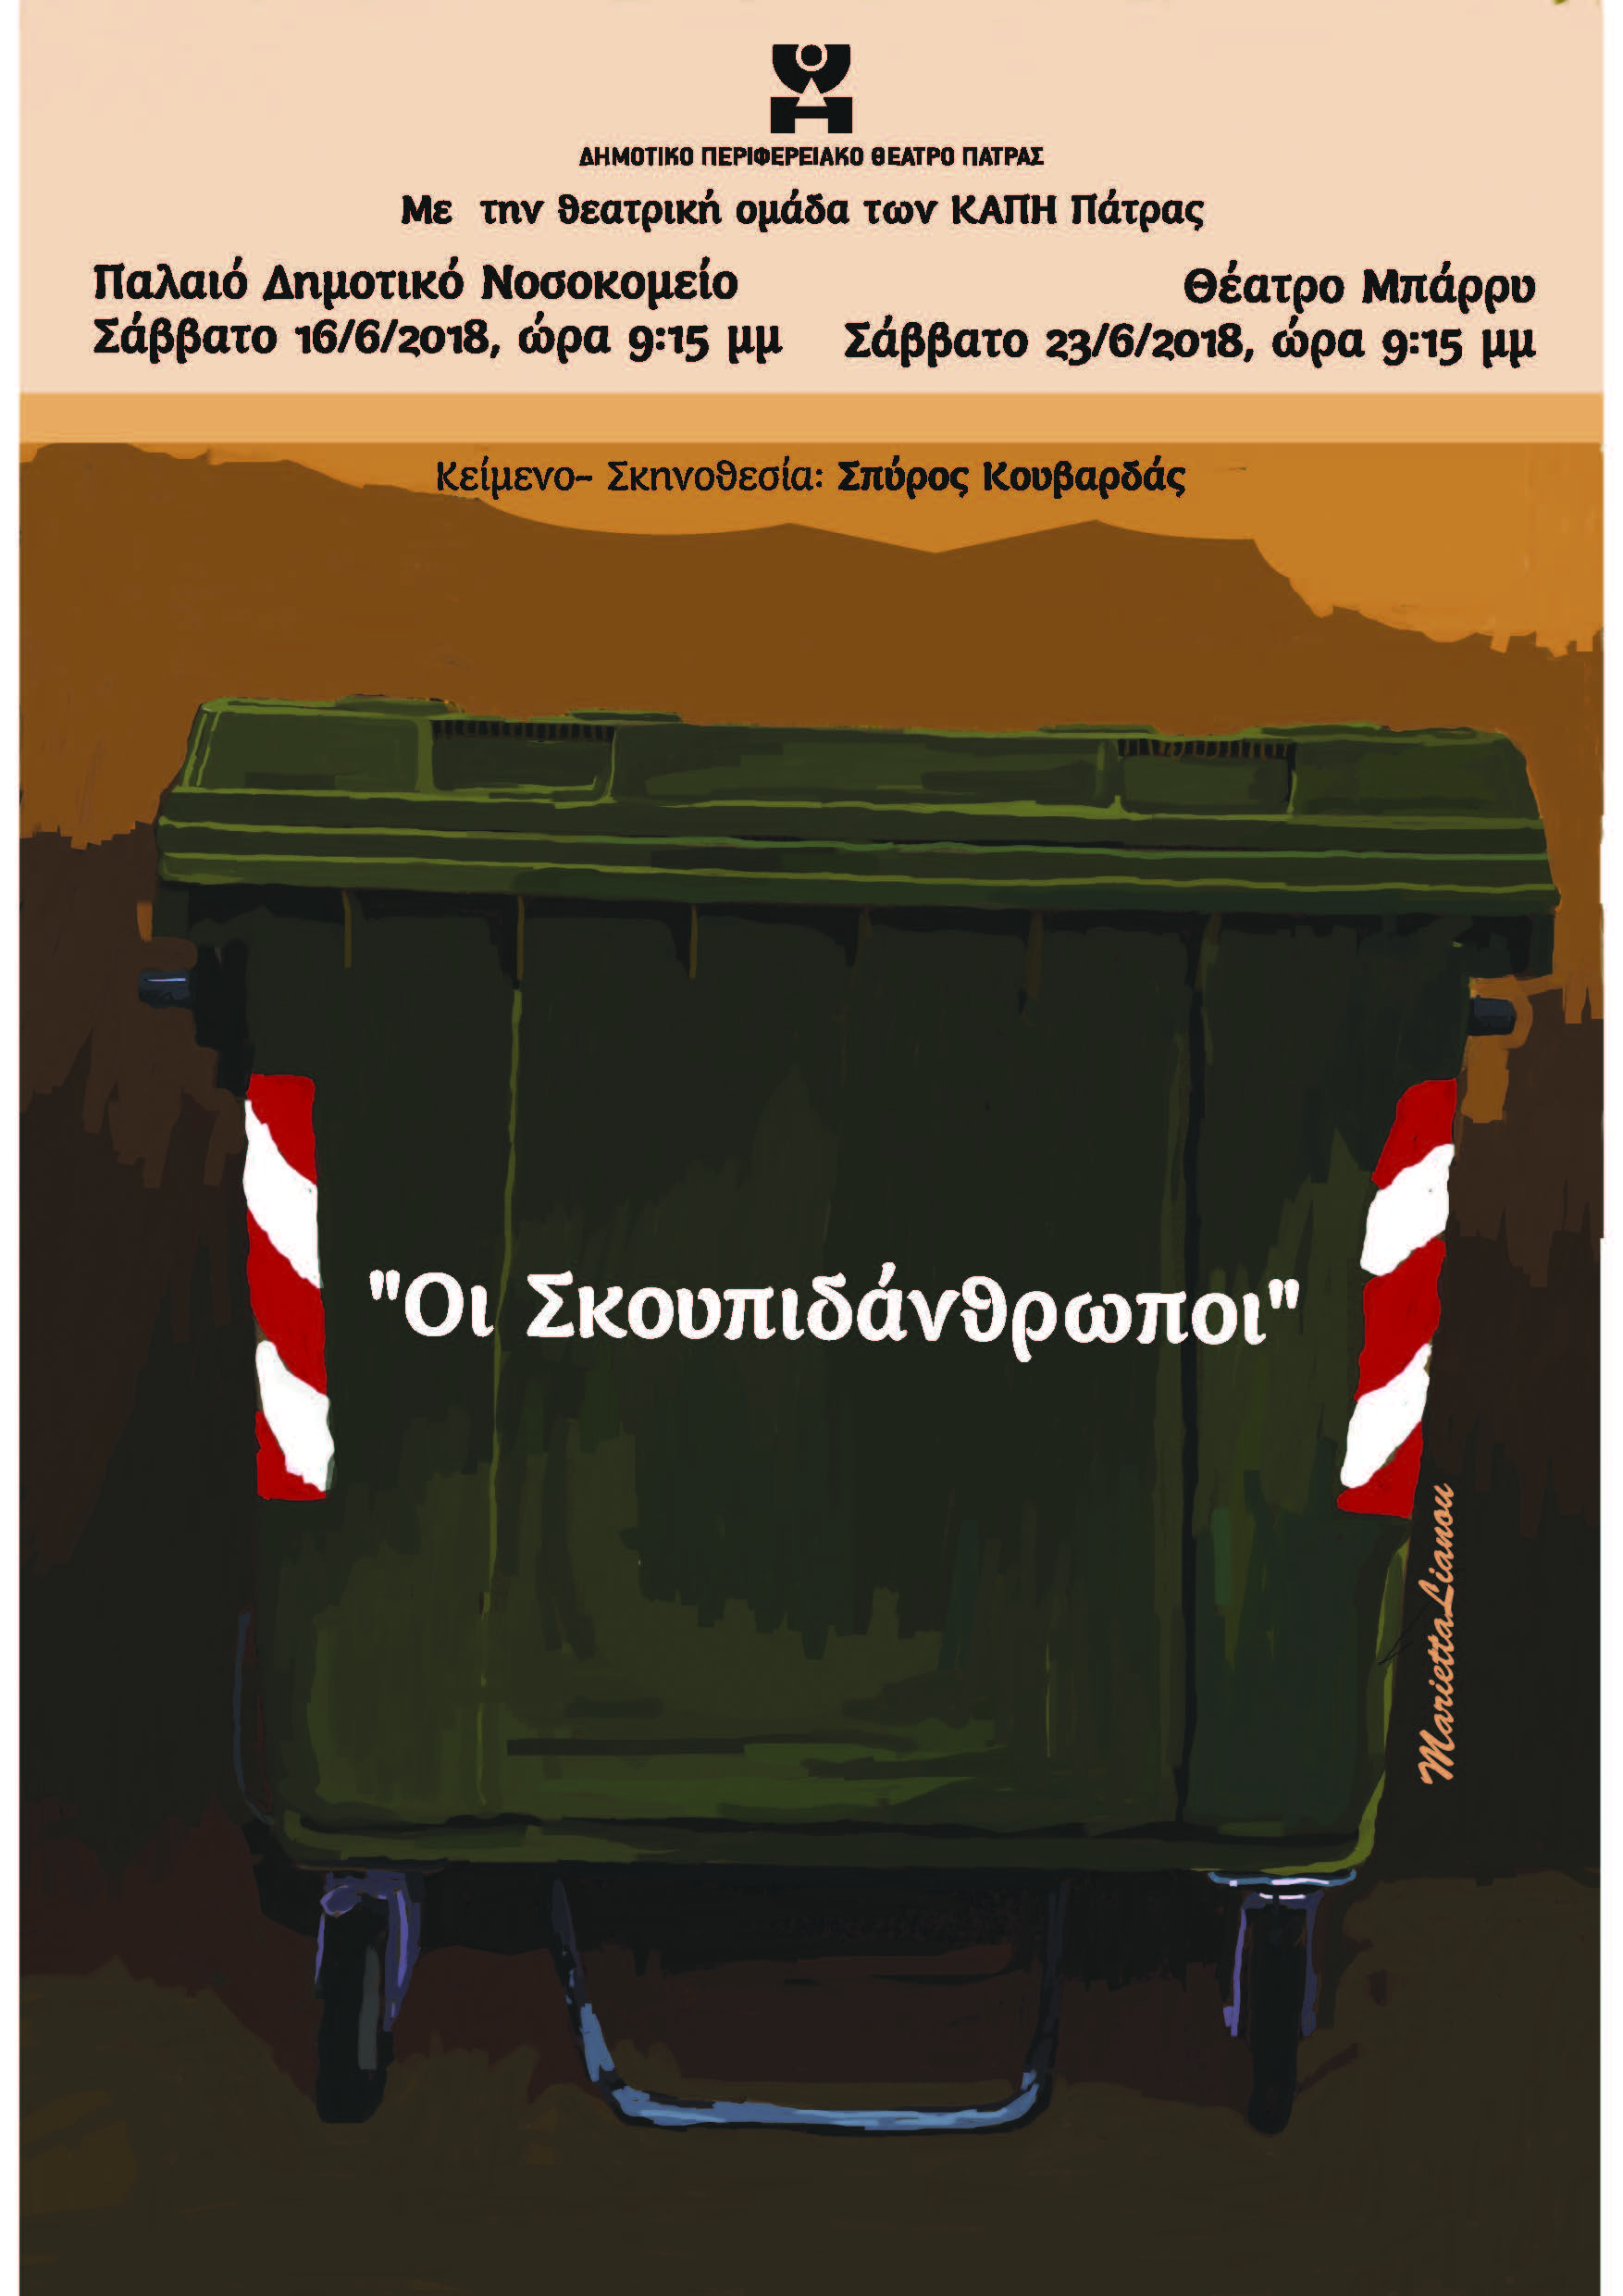 """""""Οι σκουπιδάνθρωποι"""" : Θεατρική παράσταση των ΚΑΠΗ Πάτρας"""